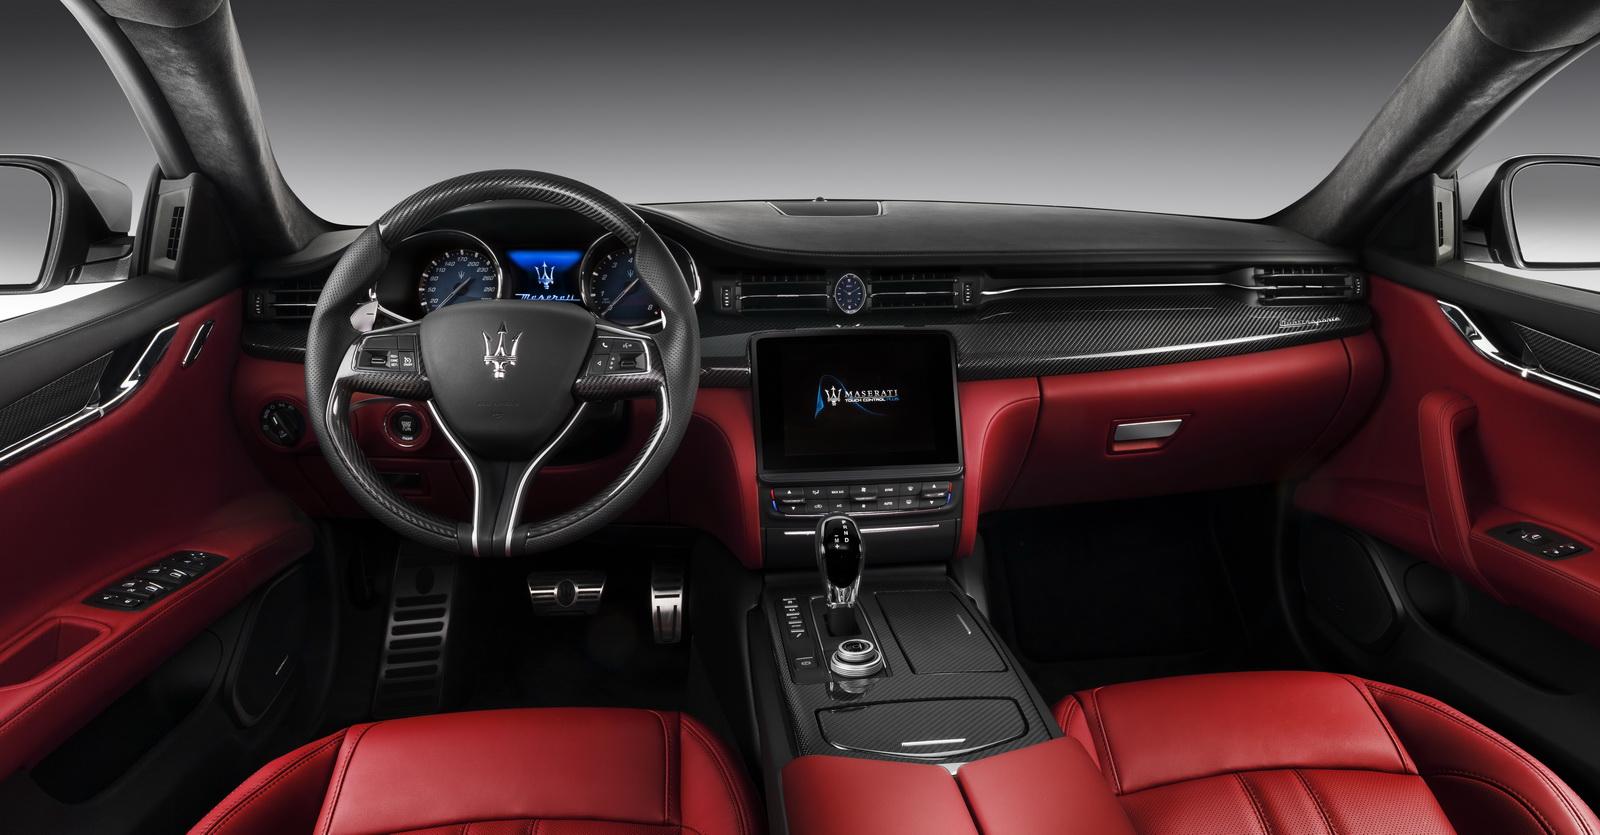 Maserati-Quattroporte-14-06-2016-2